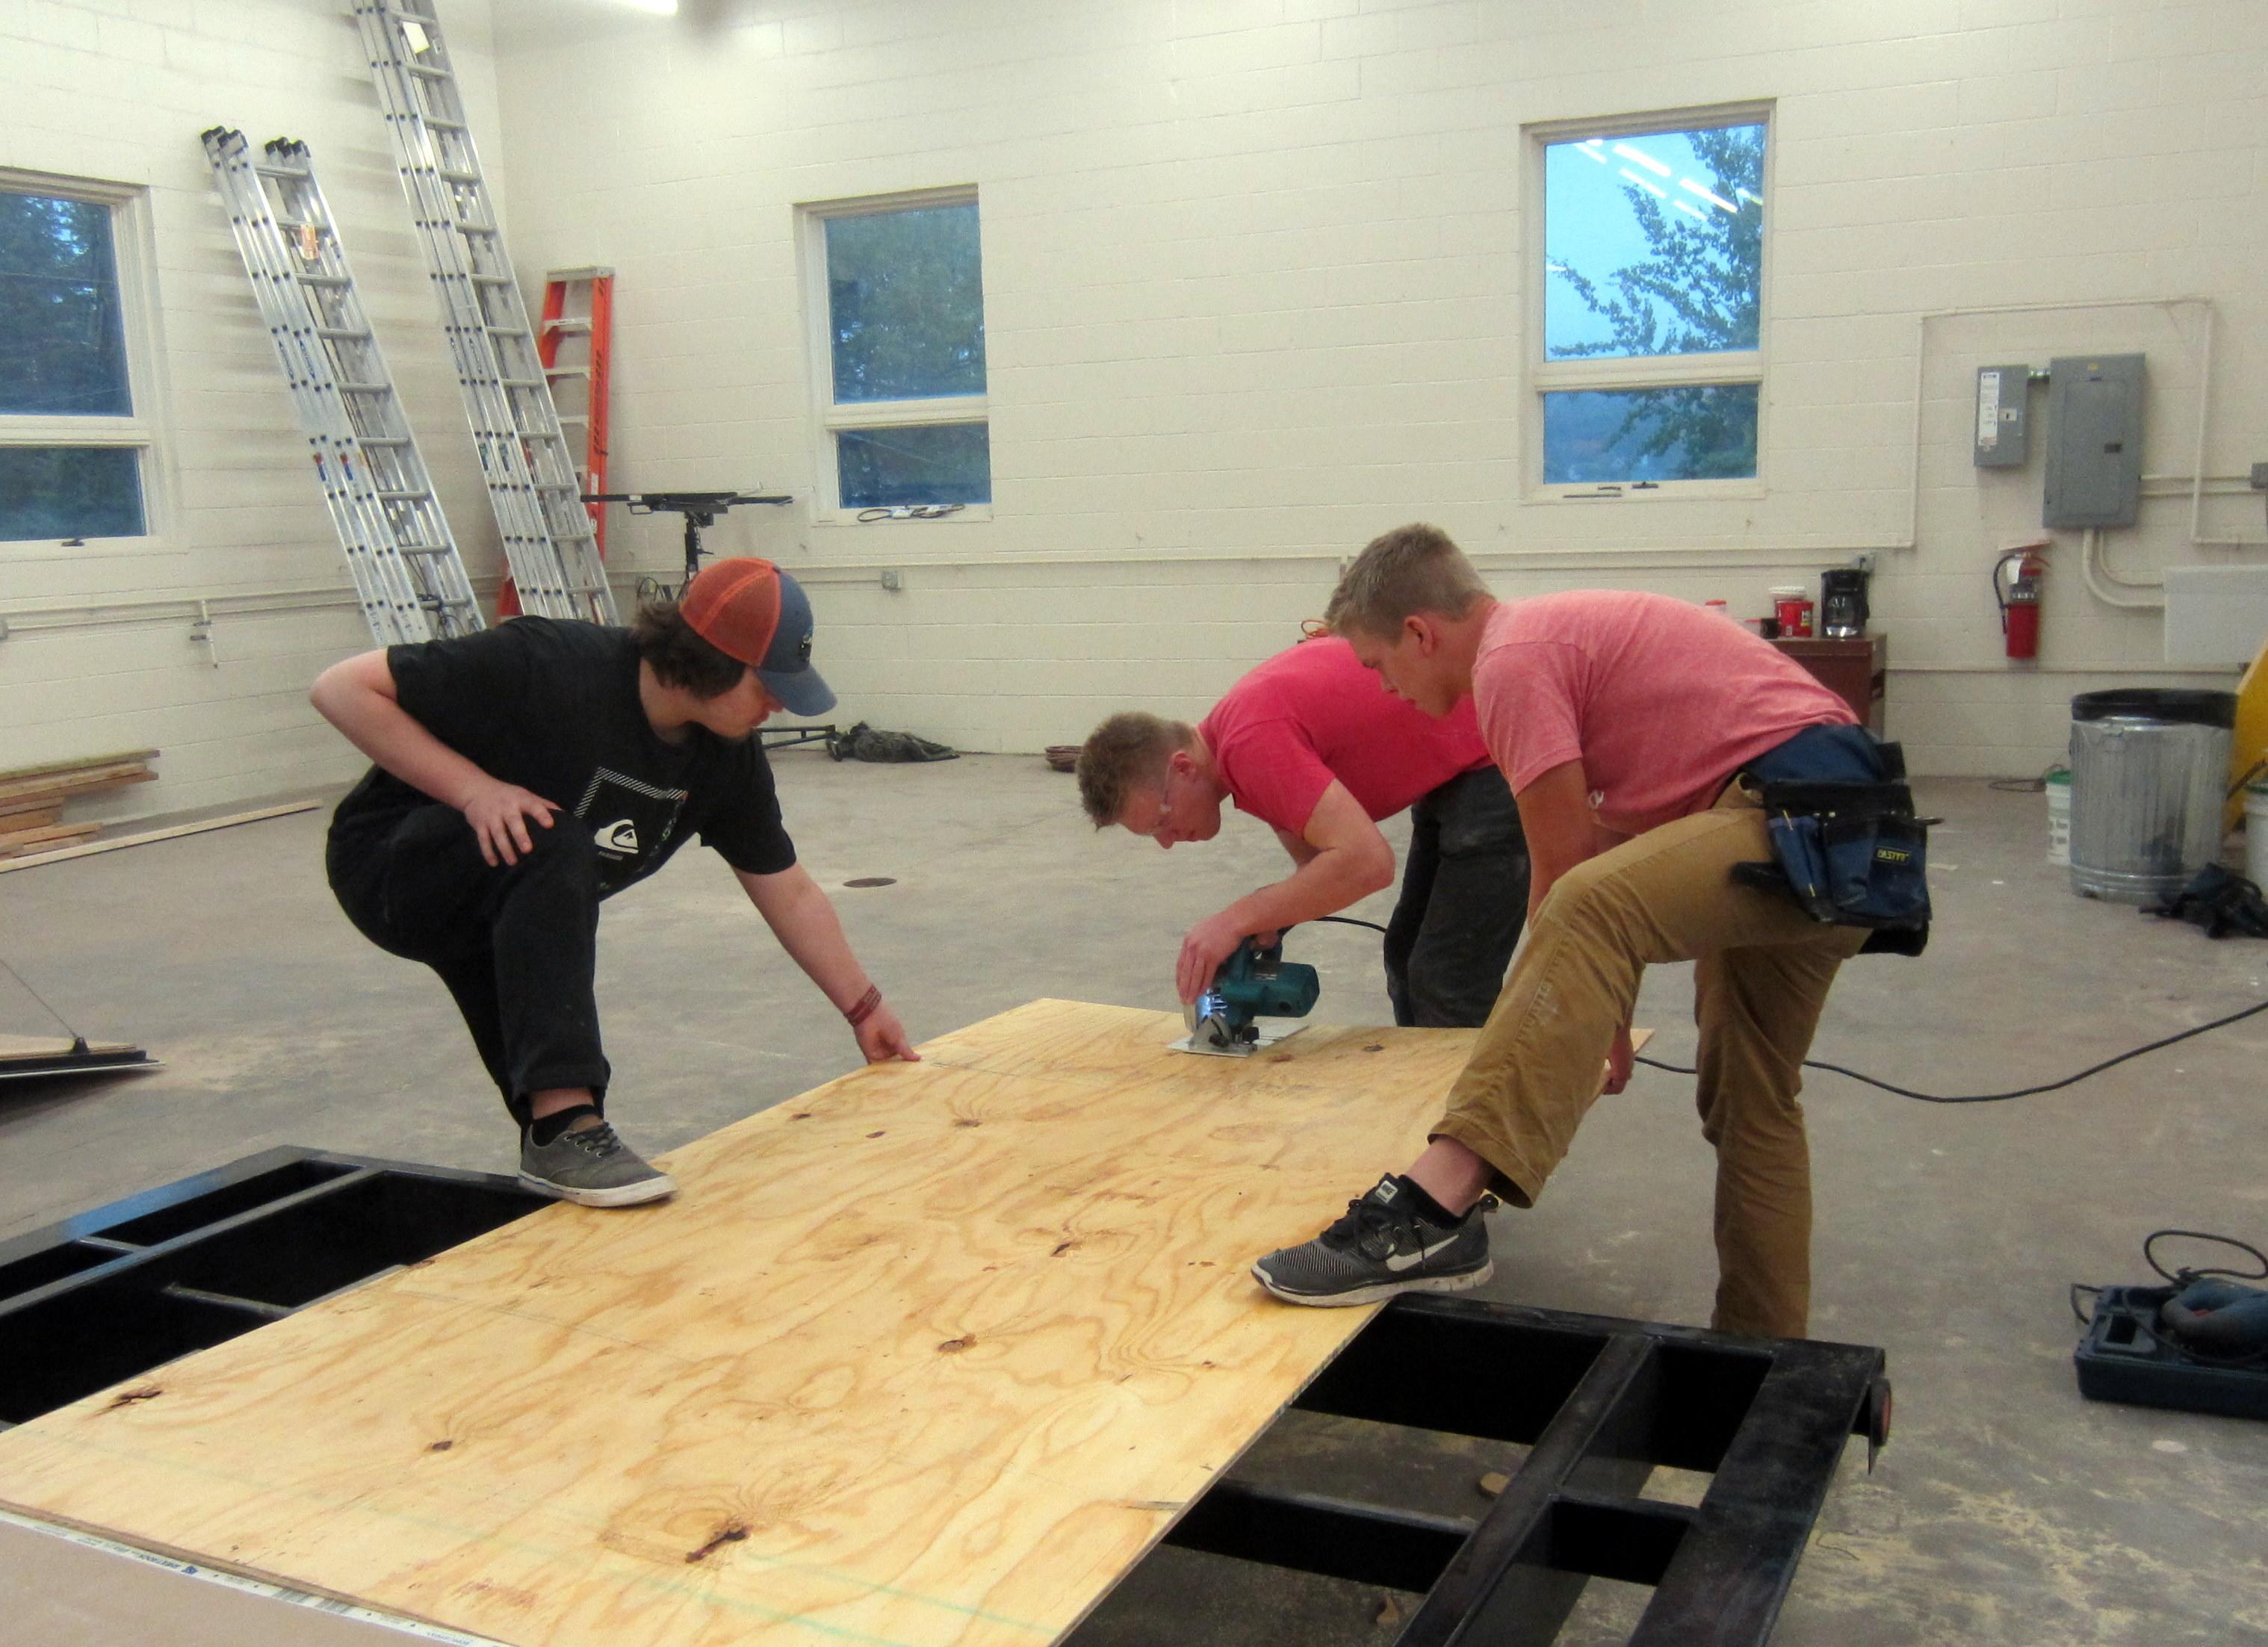 Cutting plywood sheet using circular saw